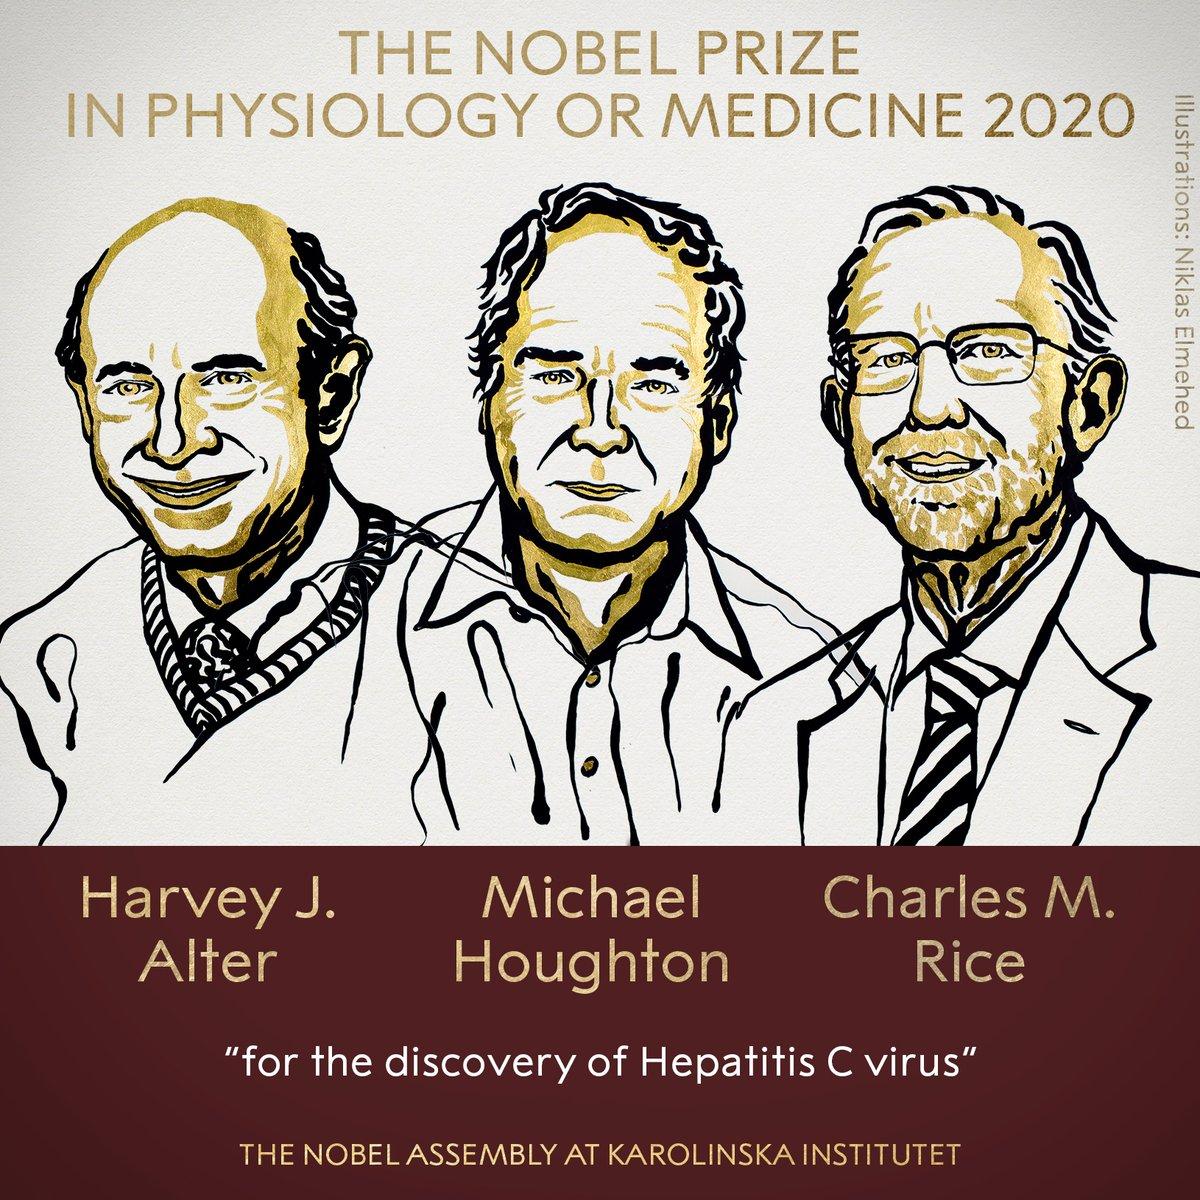 Científicos que identificaron la hepatitis C entre los ganadores americanos del premio Nobel